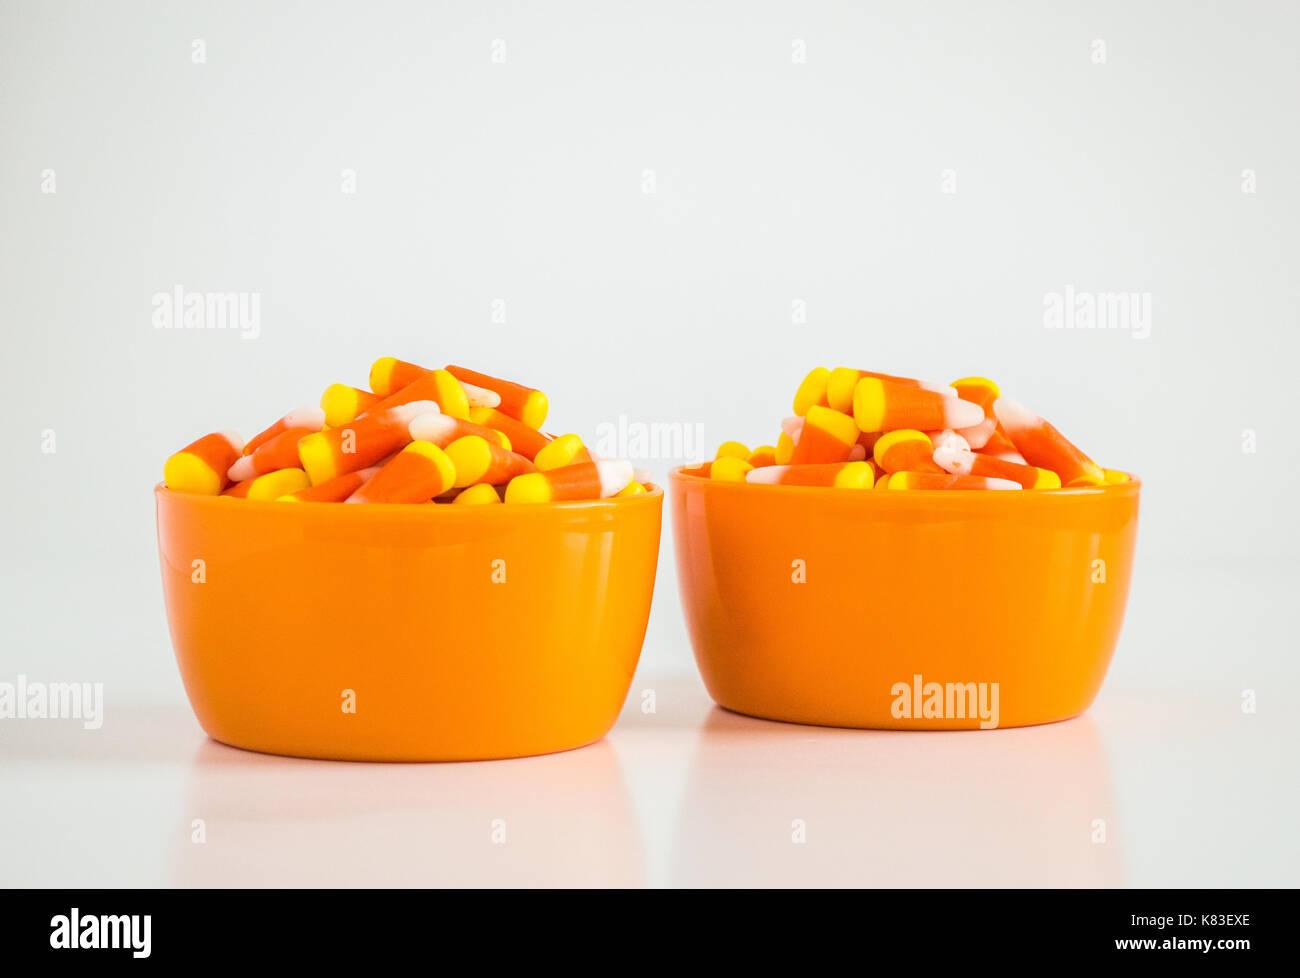 2 orange bowls of candy corn isolated on white - Stock Image